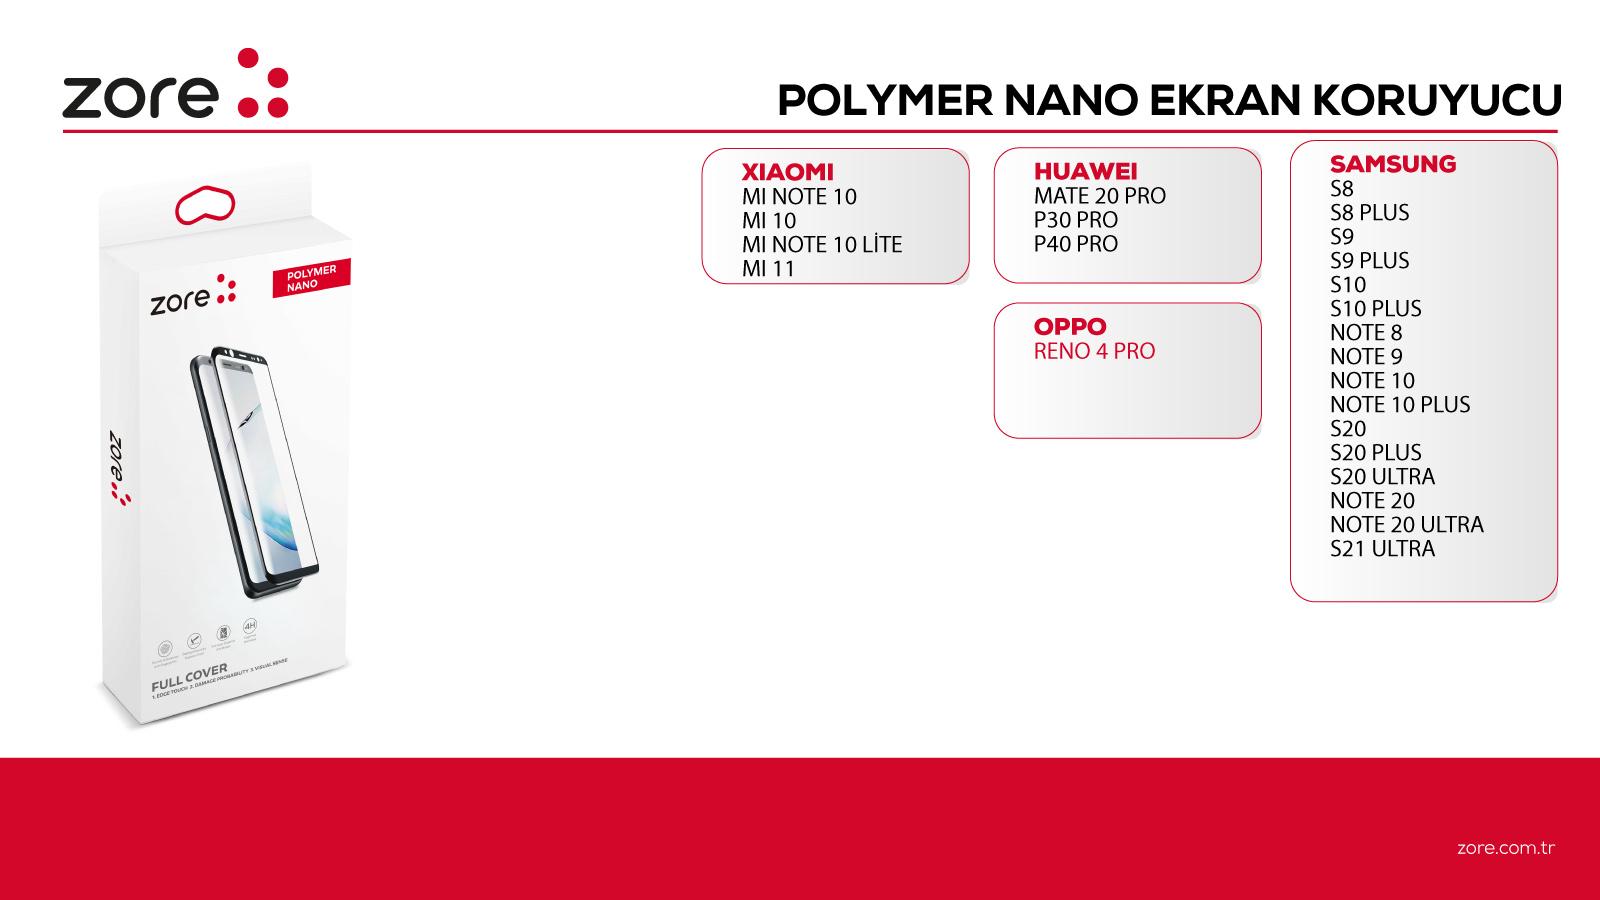 polymer_nano_ekran_koruyucu.jpg (242 KB)